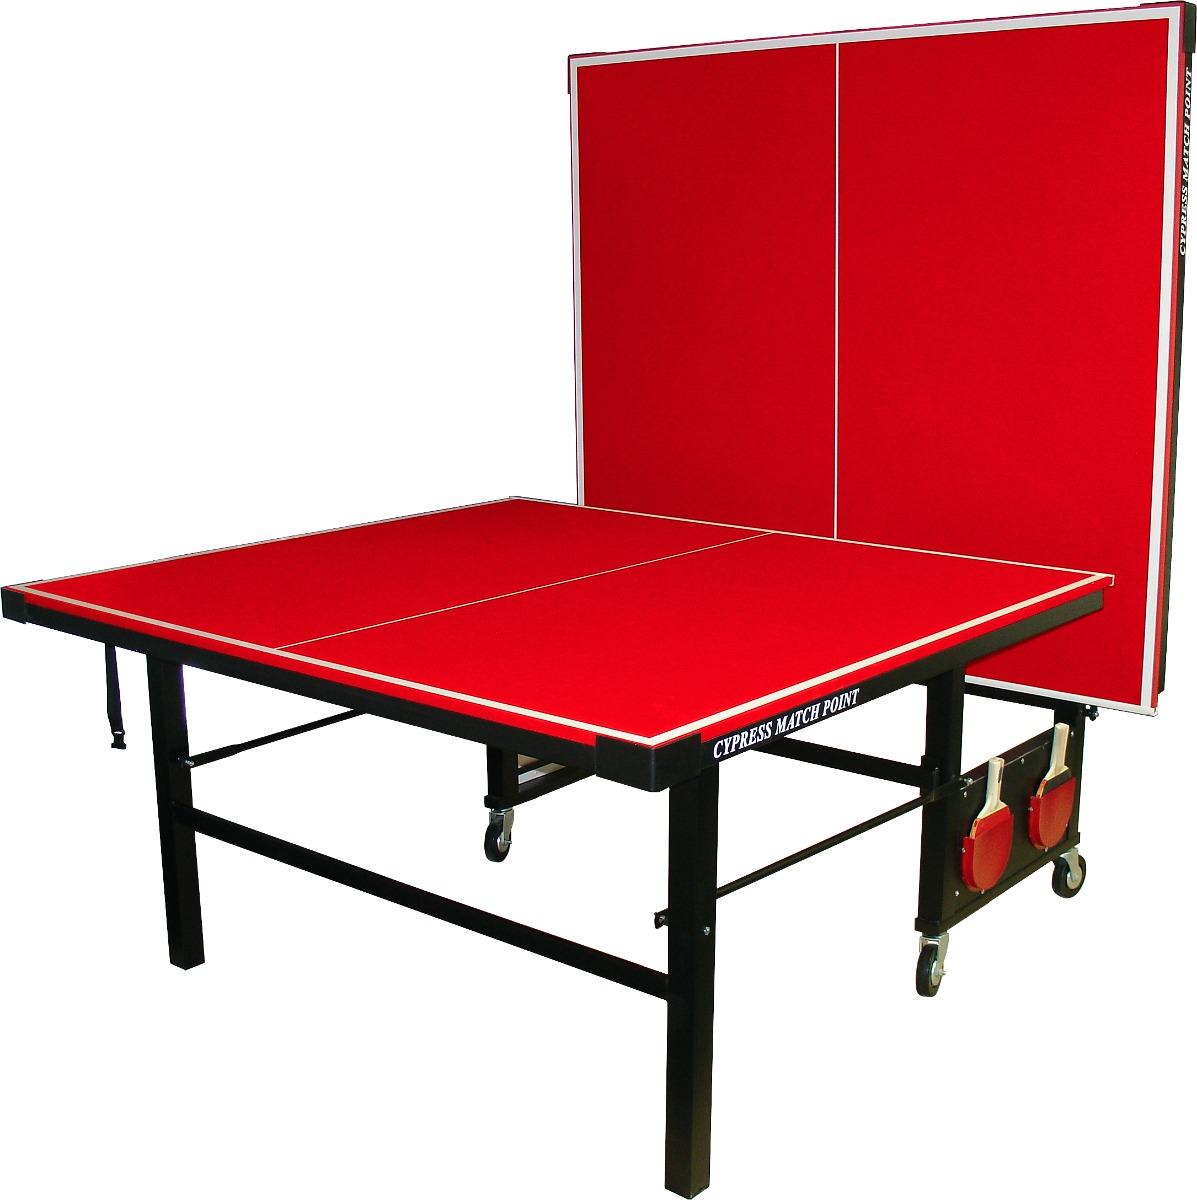 Mesa de ping pong profesional y funda impermeable 10 en mercado libre - Funda mesa ping pong ...